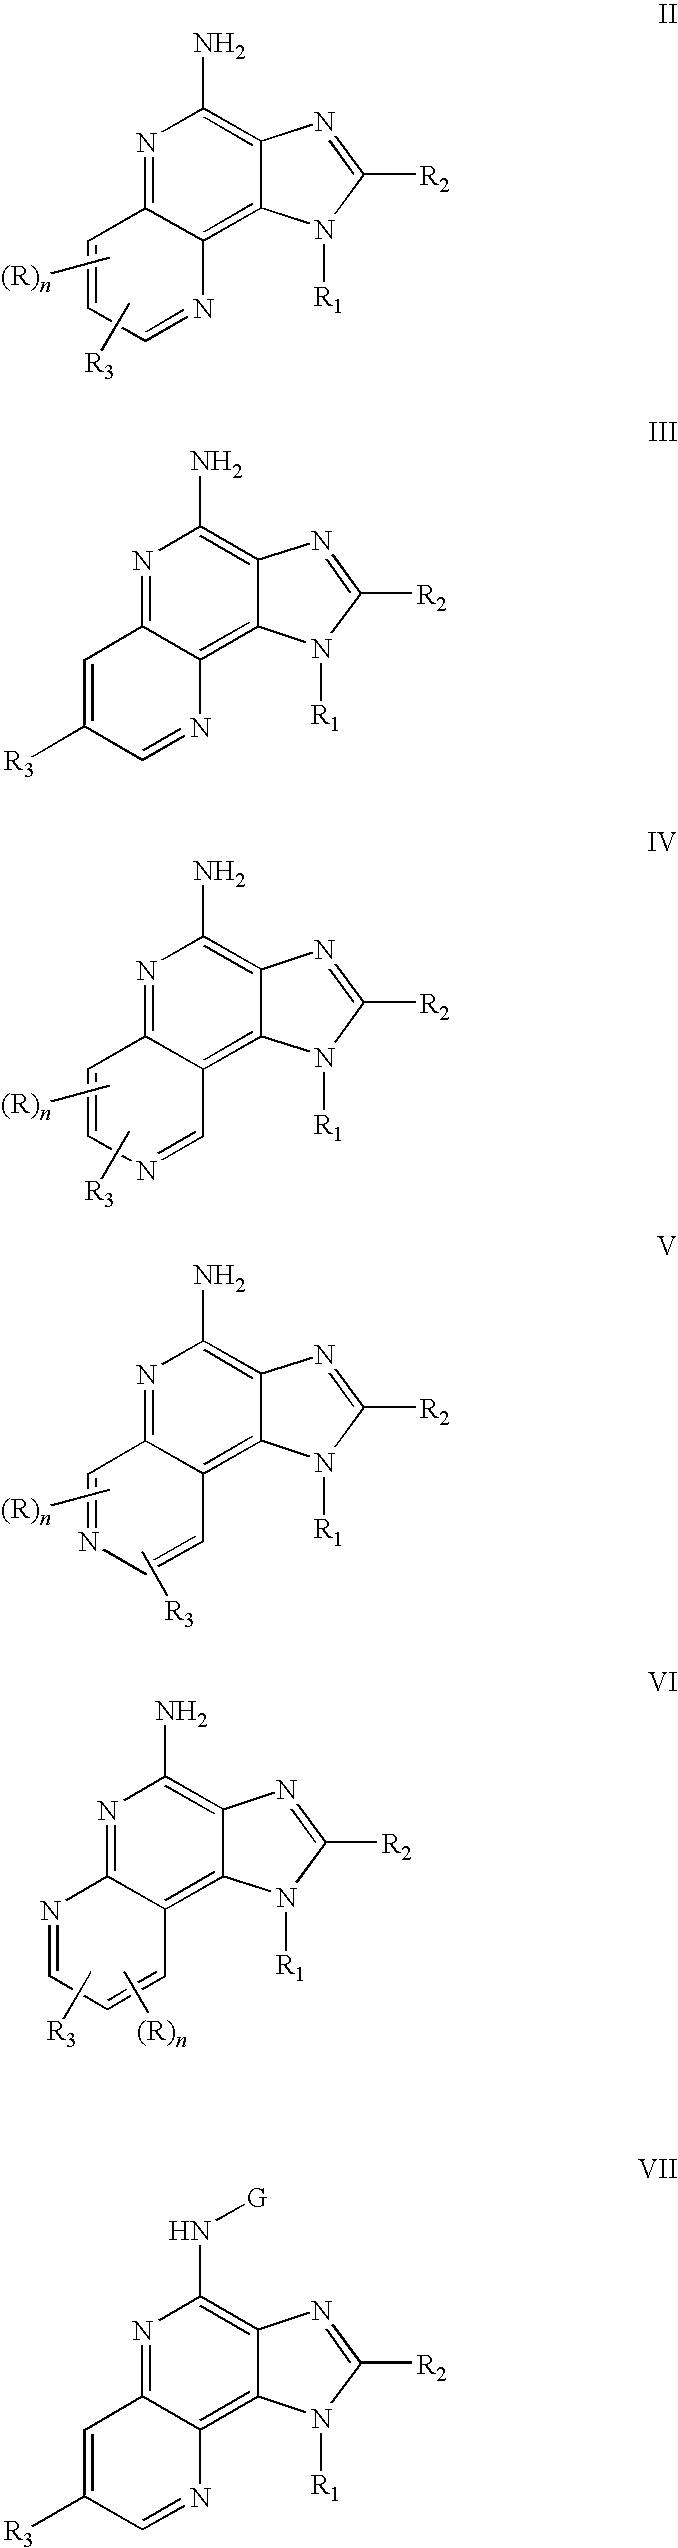 Figure US07897609-20110301-C00003